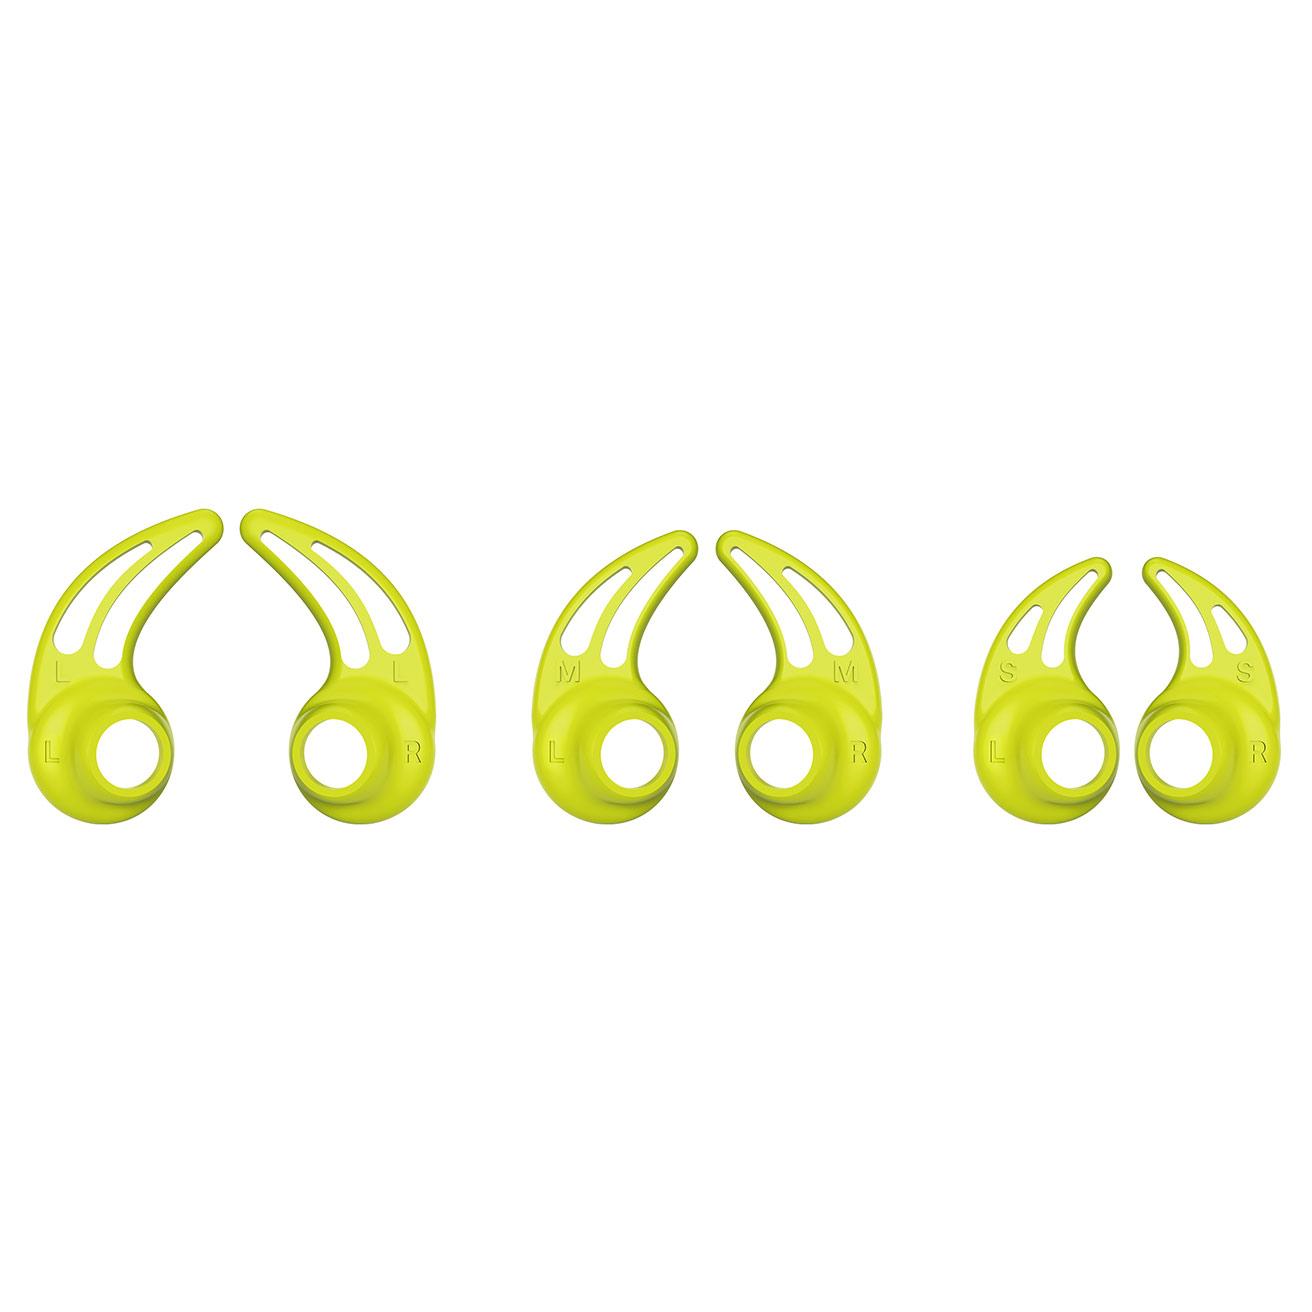 EAR FINS CX SPORT - SIZE L